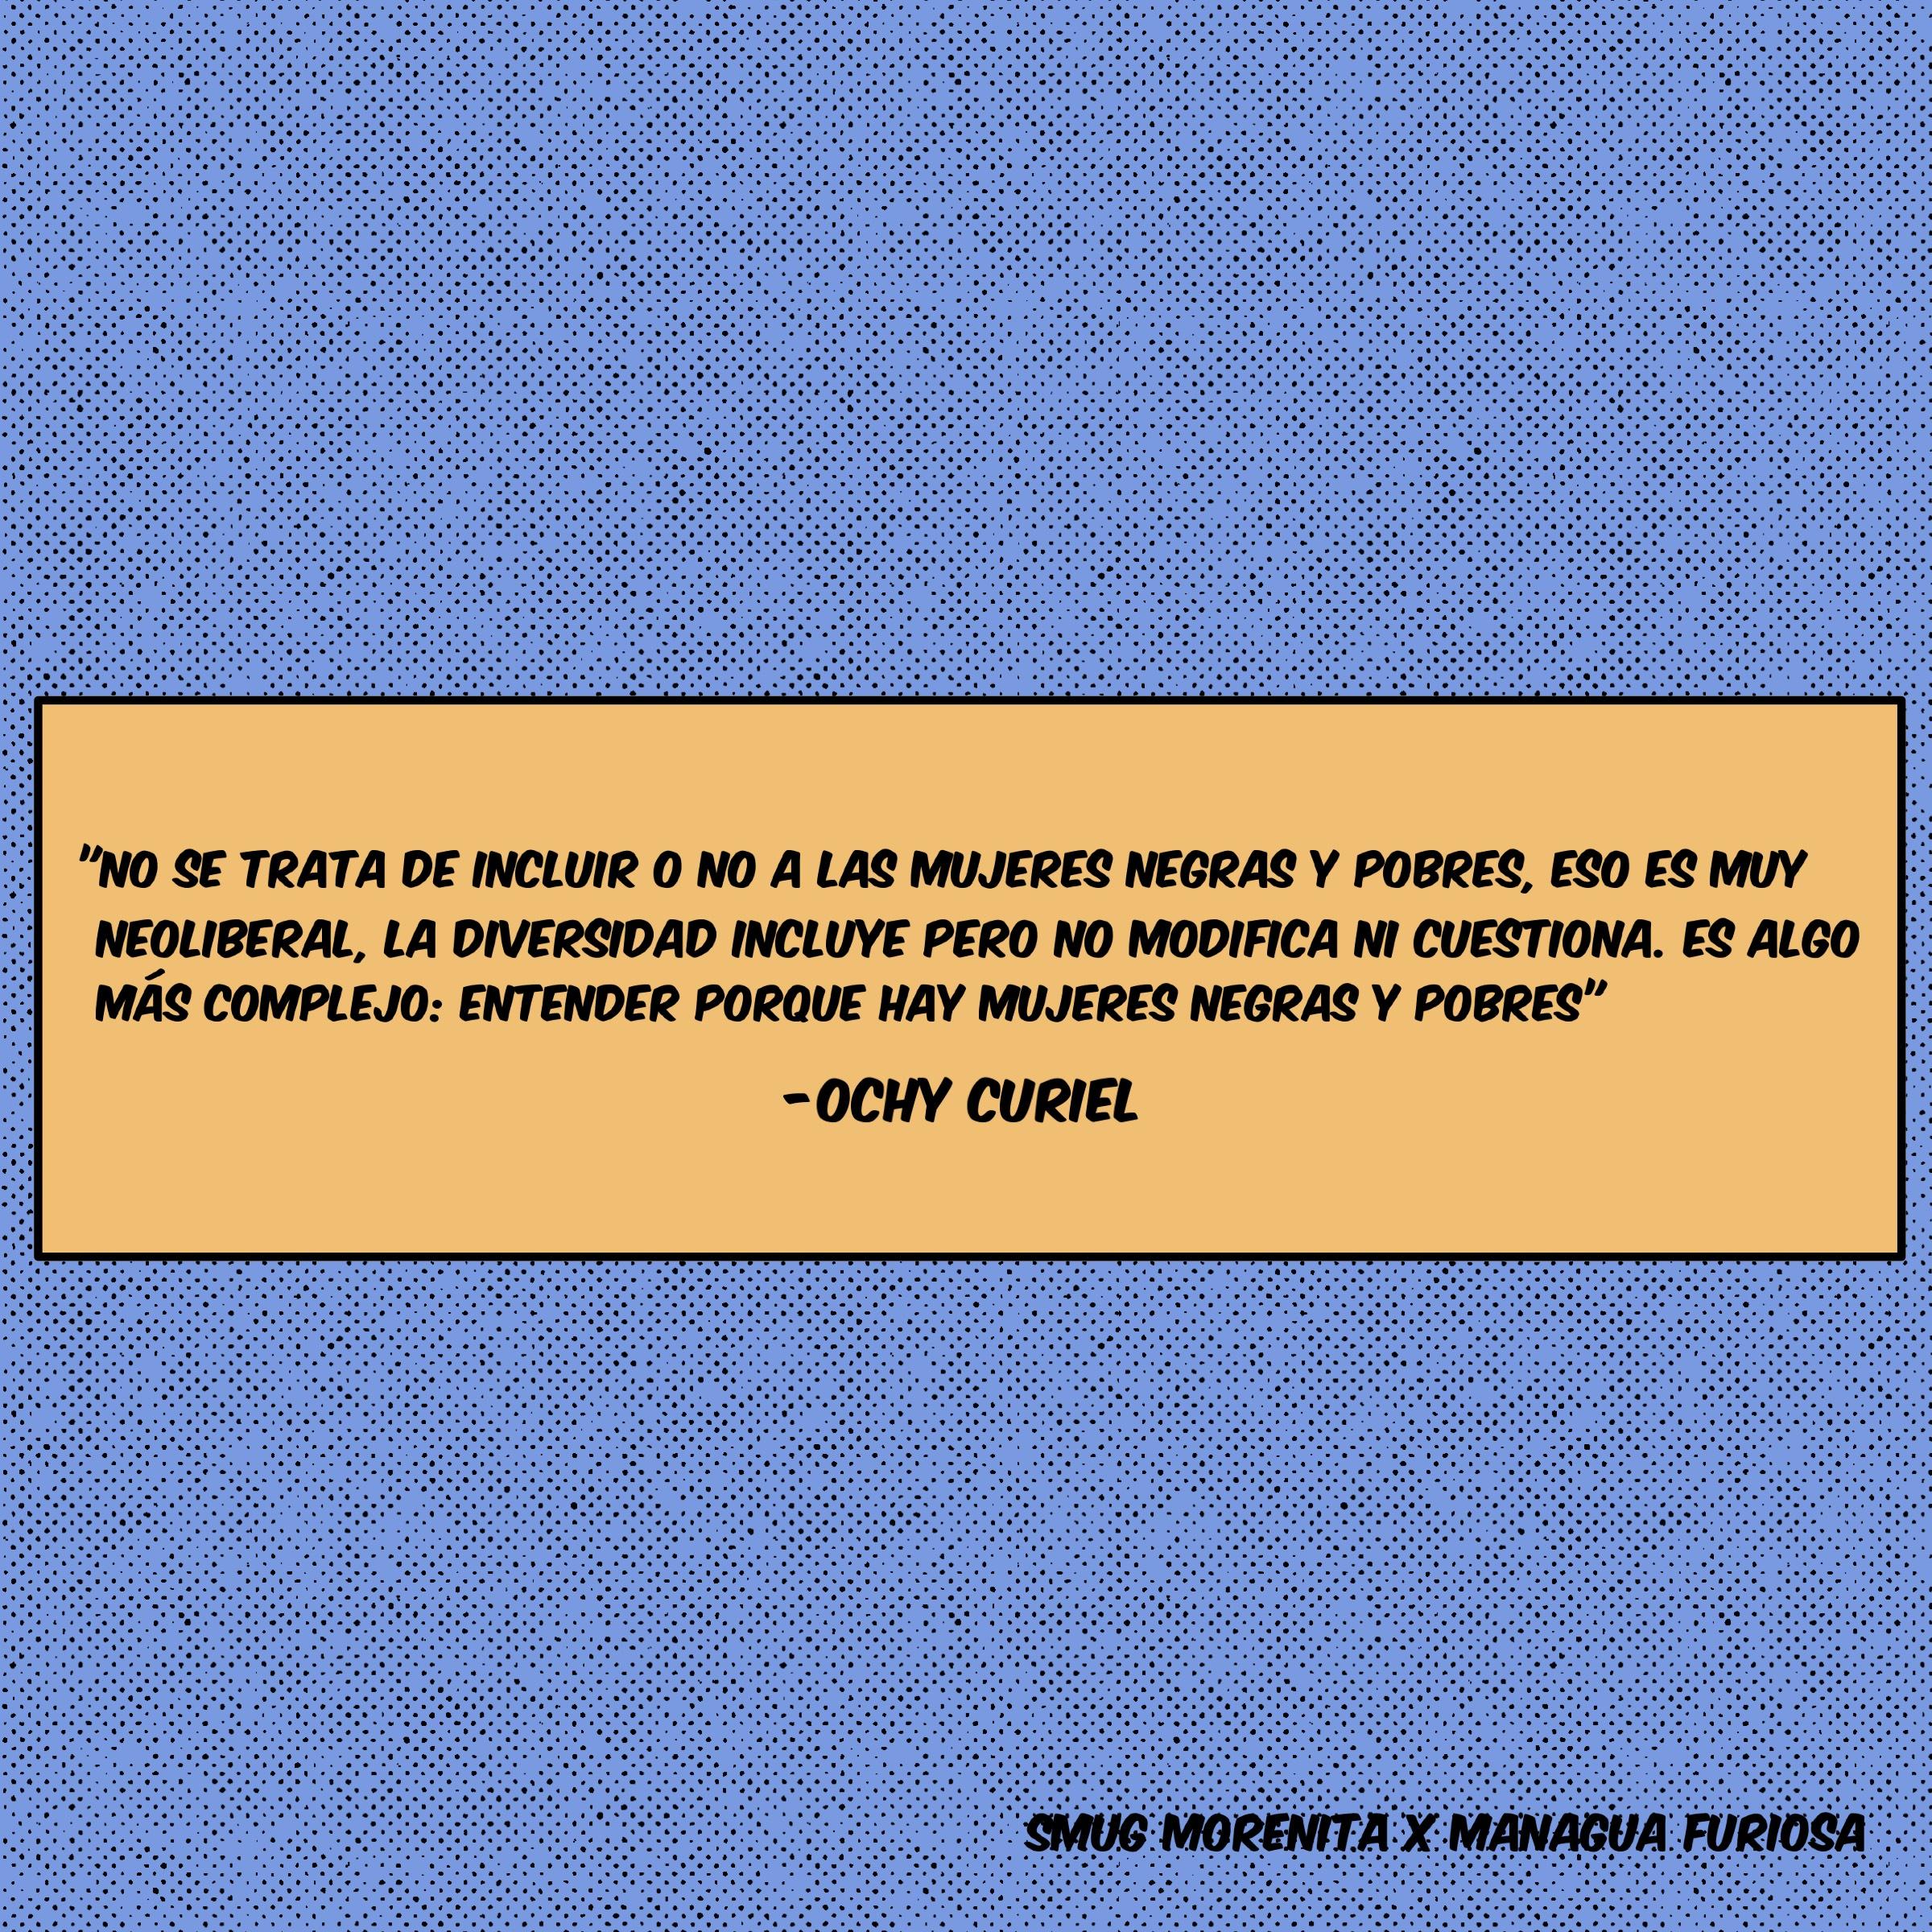 Ochy Curiel Quote - Web Image .jpg